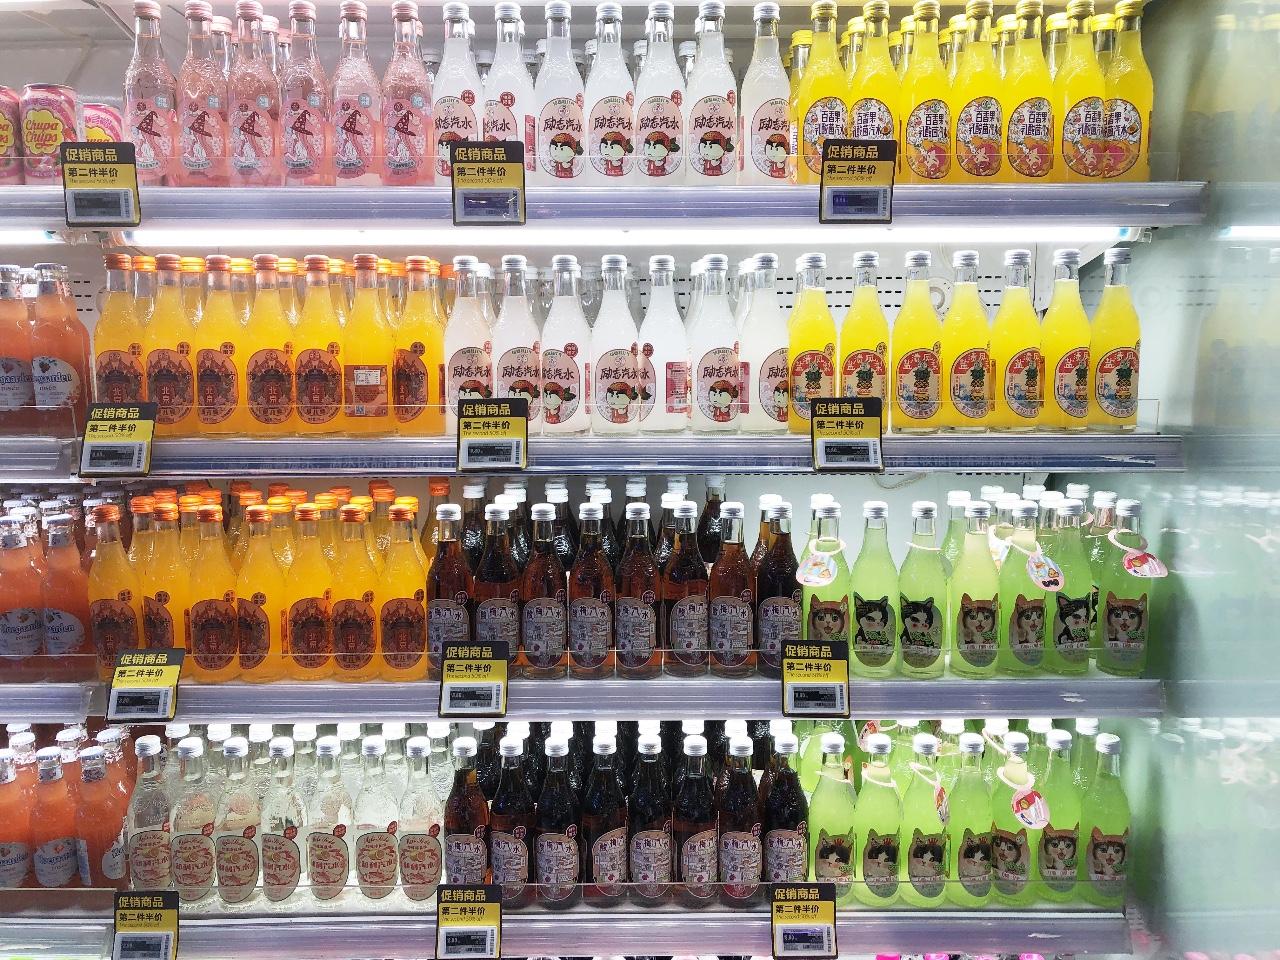 一家便利店内,汉口二厂几乎占有了整个冷柜。